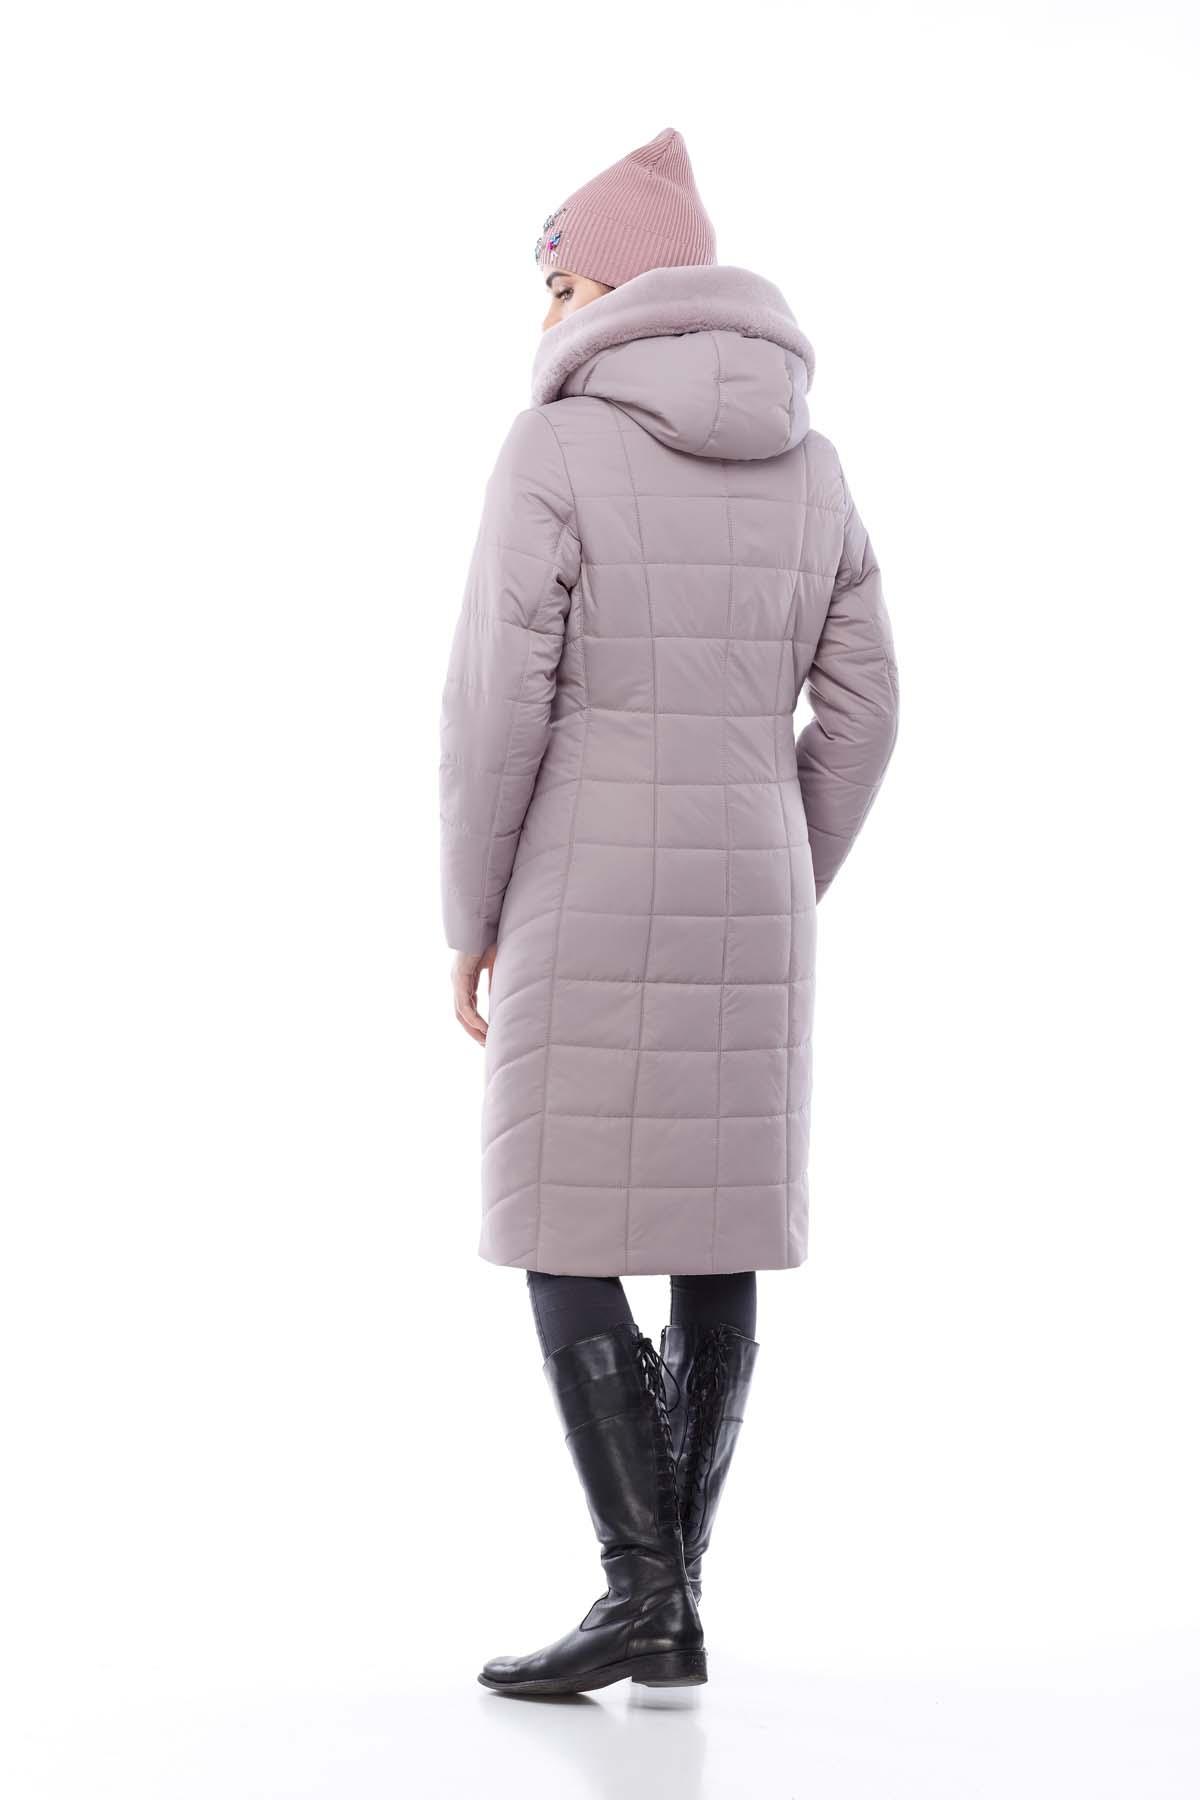 Зимове пальто стьогане Кім Зима, кролик бузково-димчатий